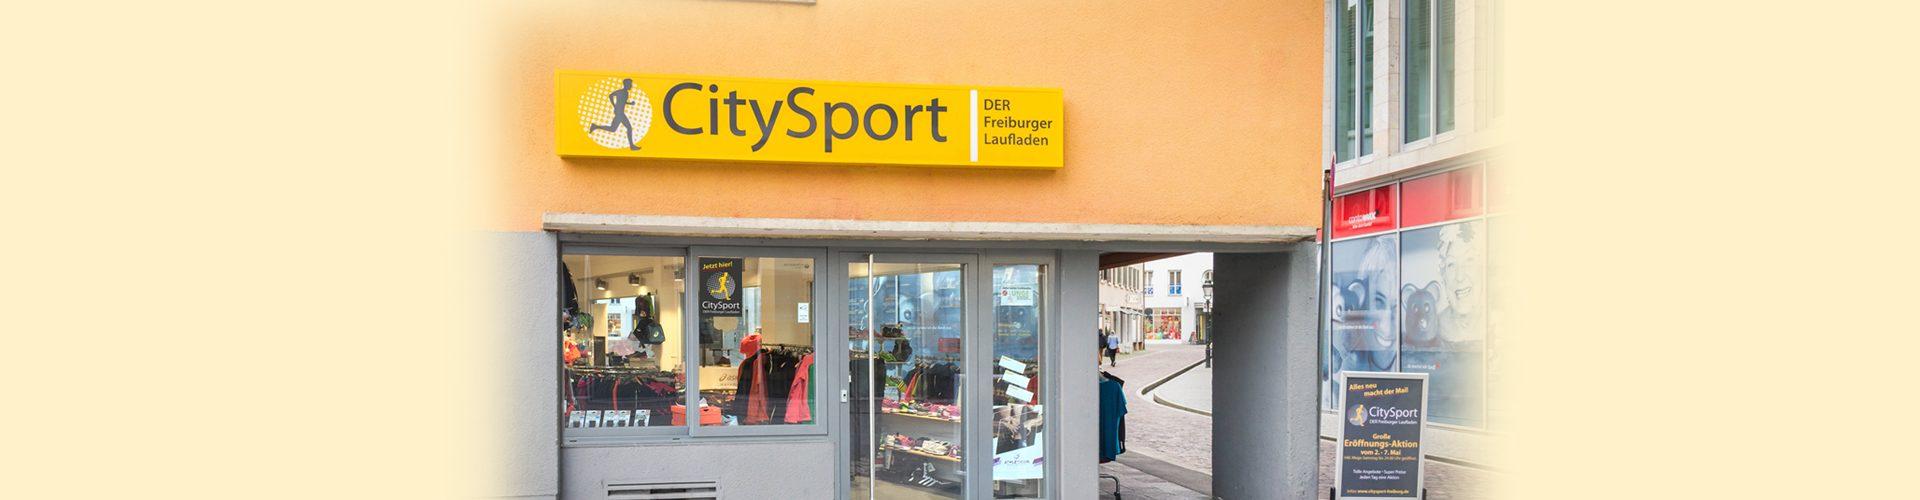 slider_citysport-freiburg_aussen_605px